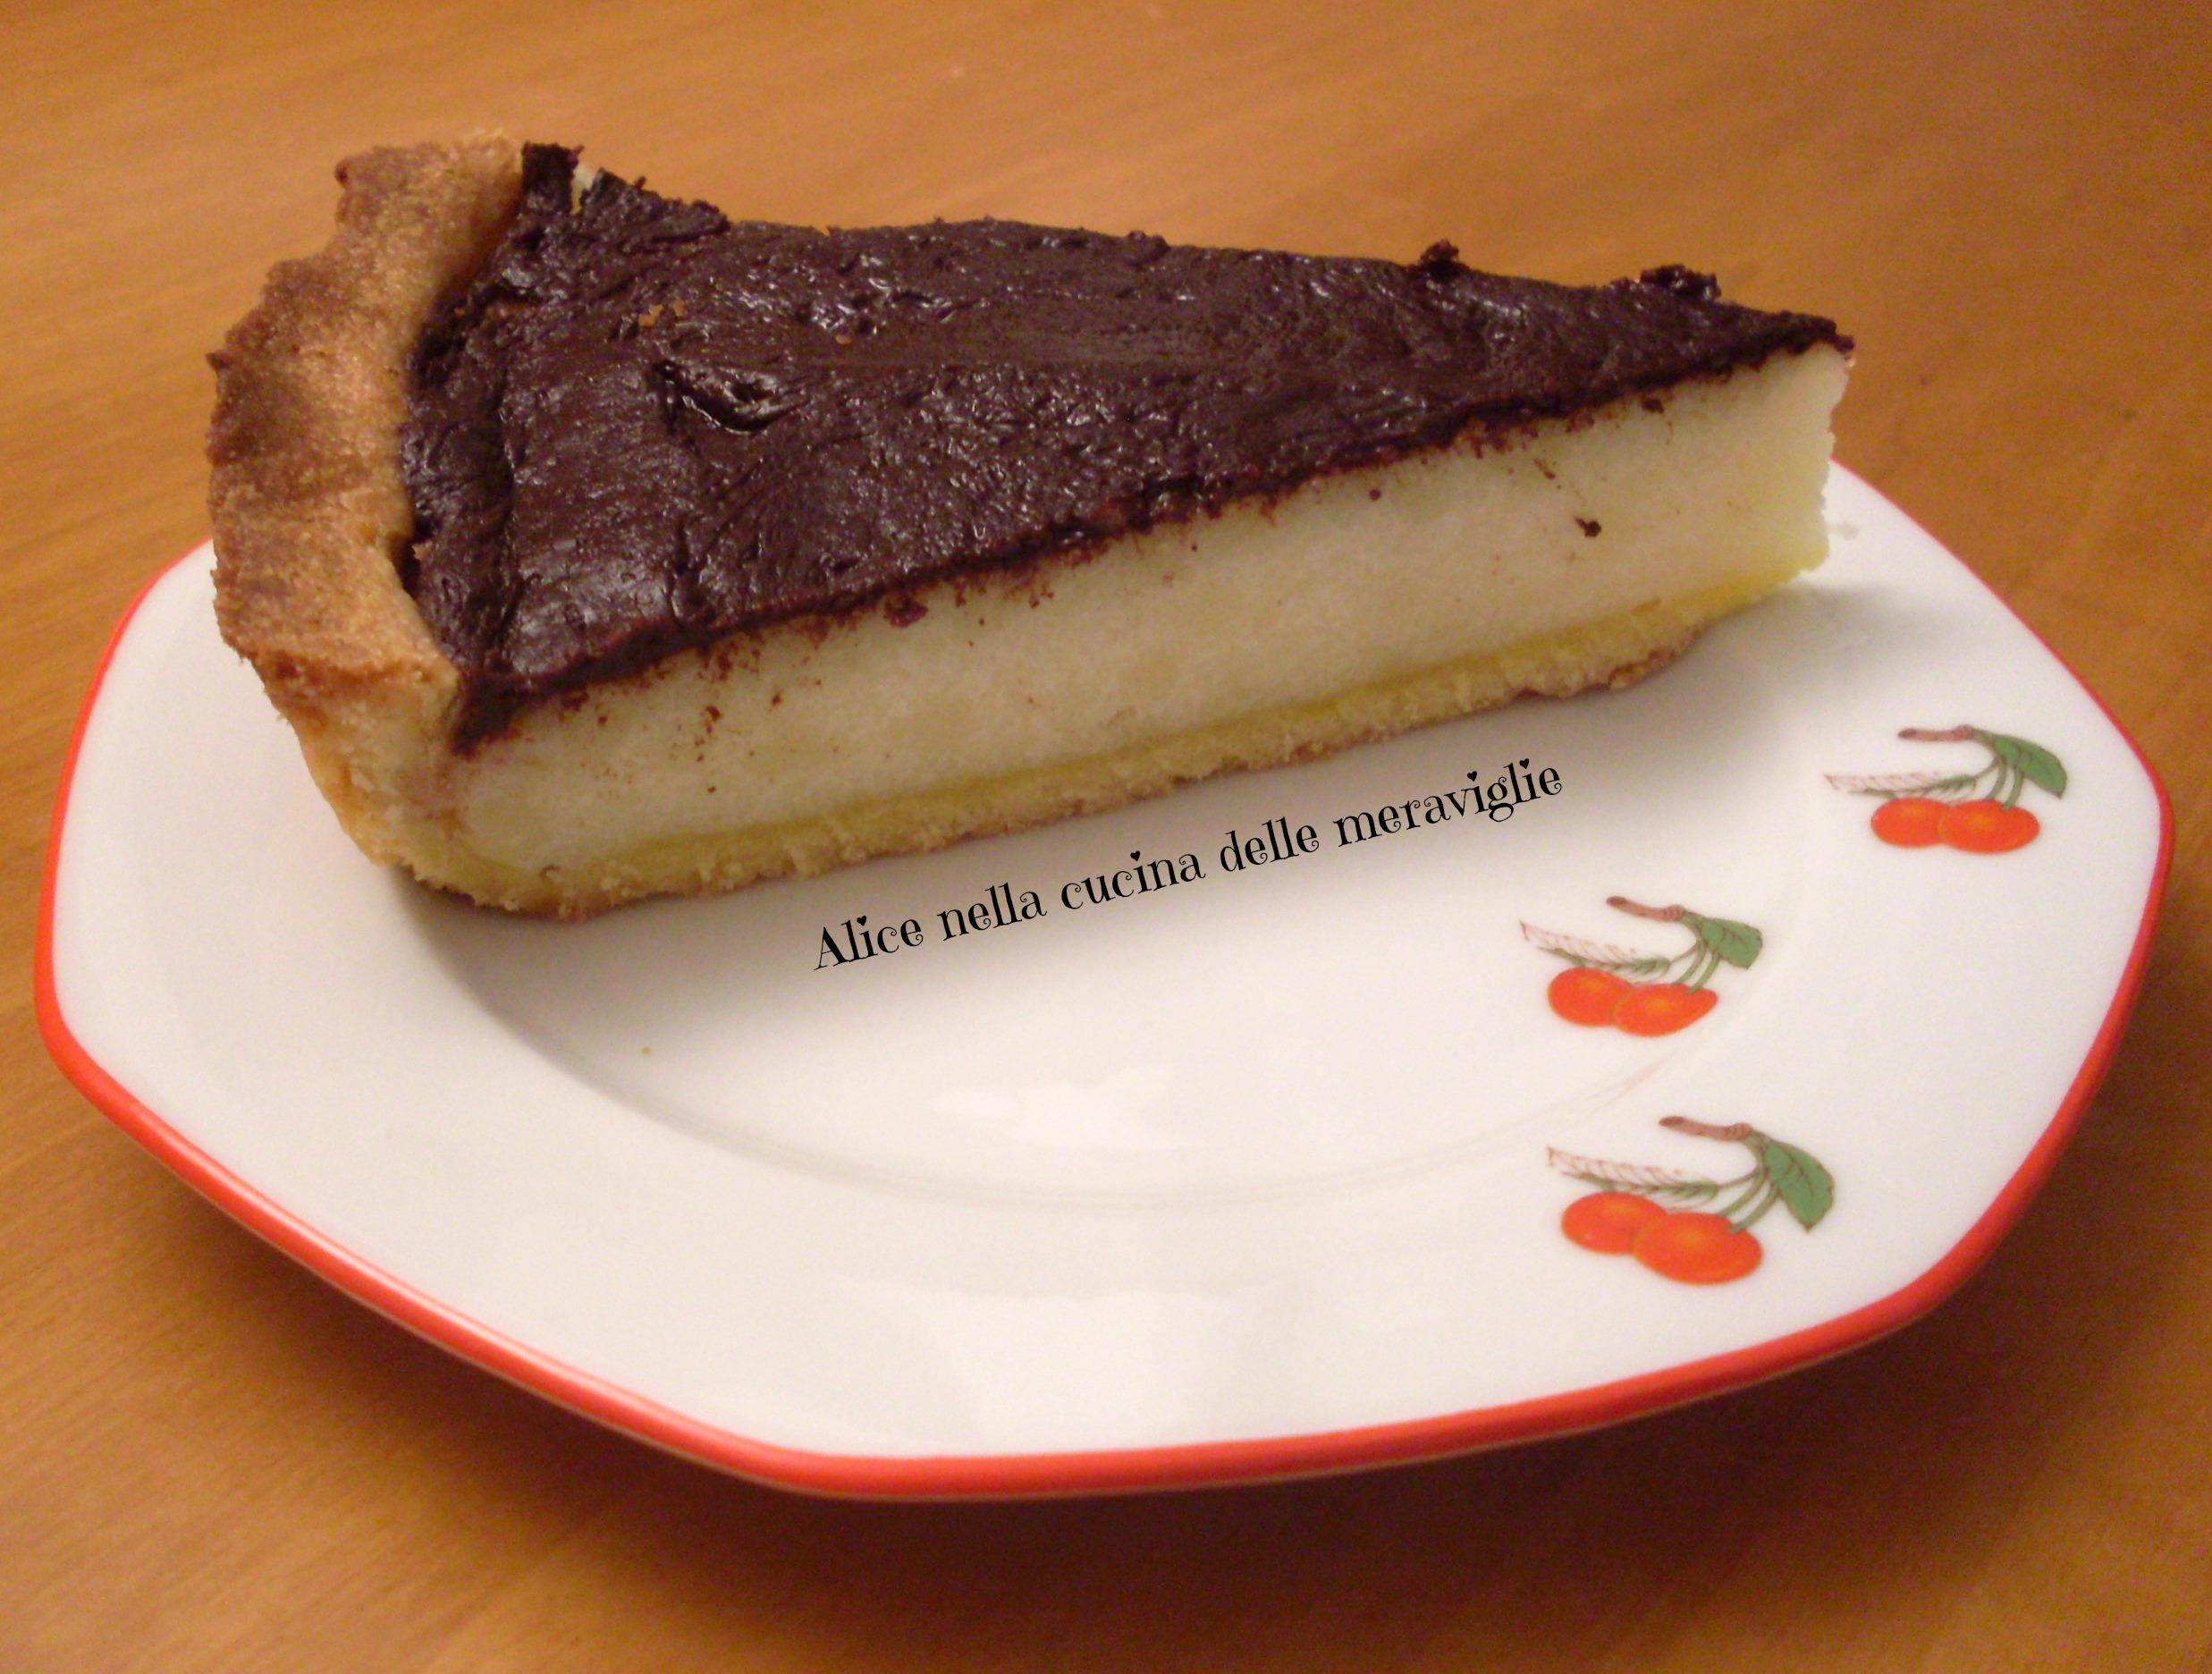 Crostata di semolino e cioccolato Ricetta dolce Alice nella cucina delle meraviglie